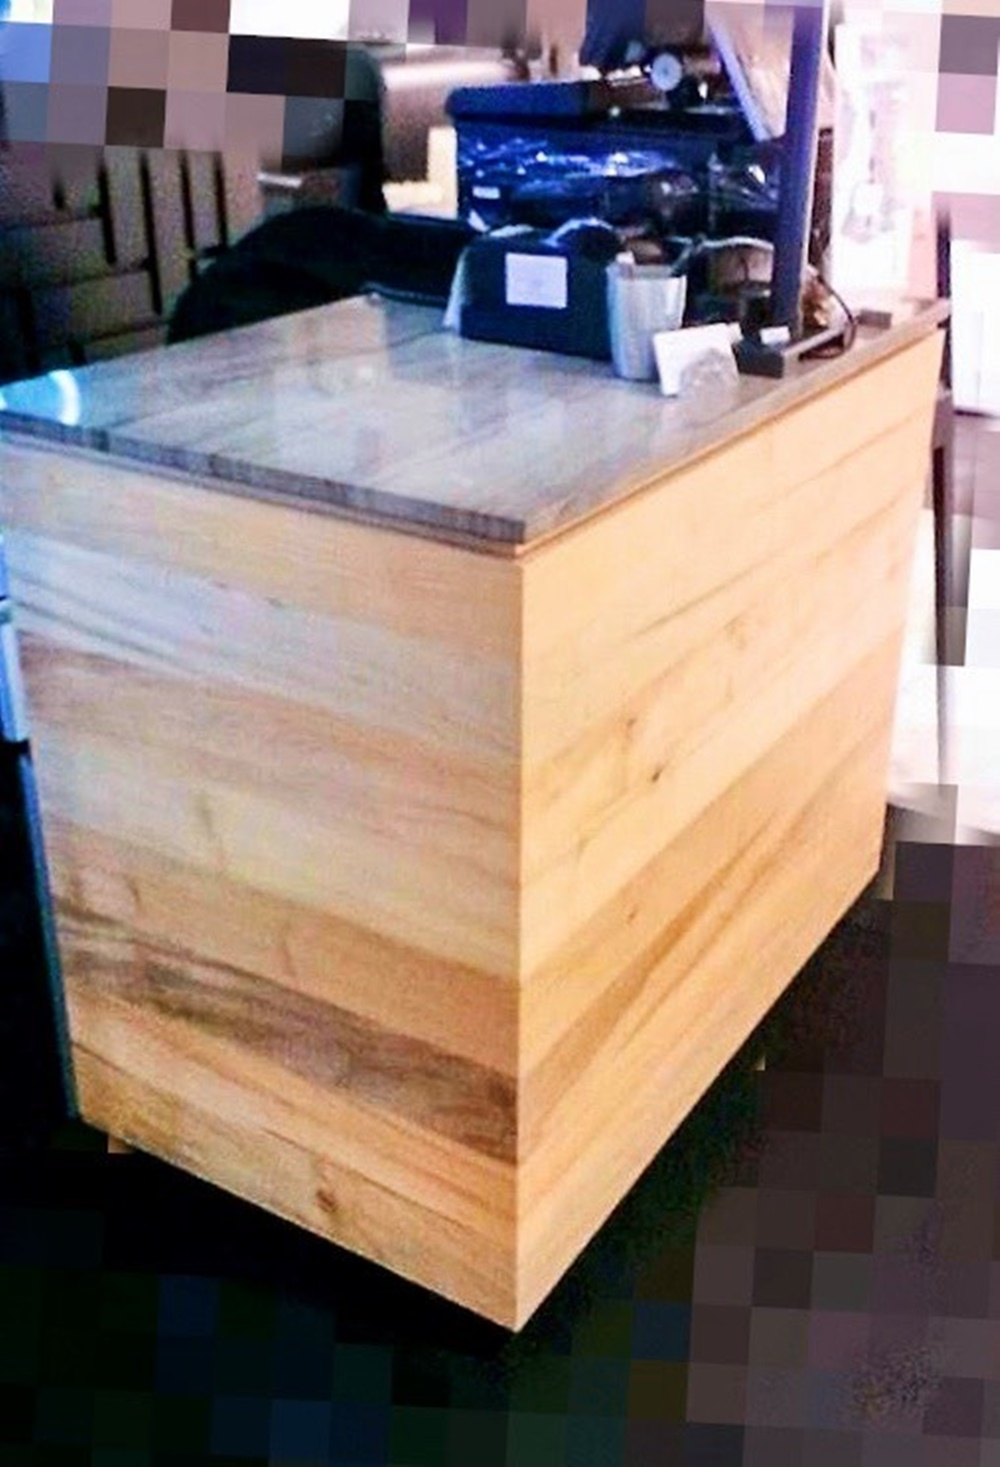 木作櫃,裝潢,商用空間,實木皮板,店面裝潢,櫃位裝潢,美學,天然